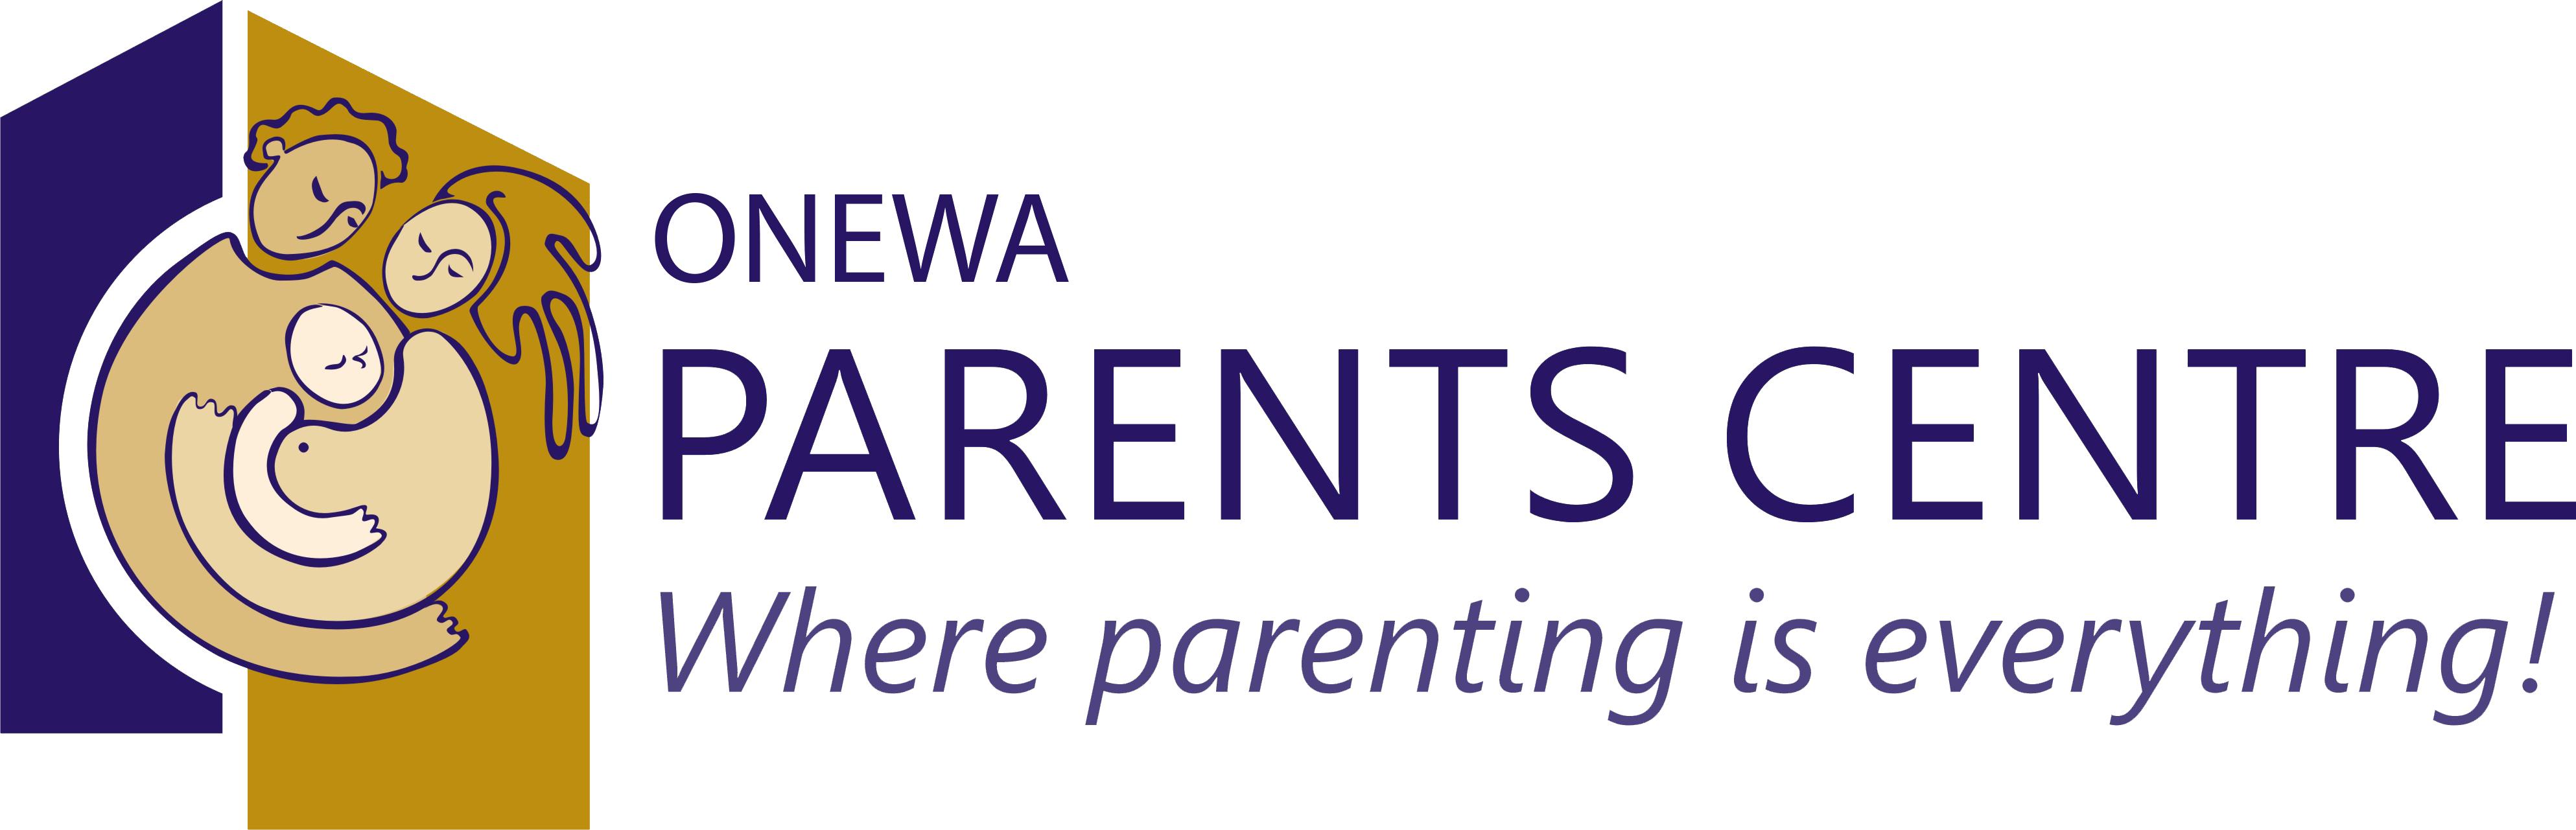 Onewa Parents Centre